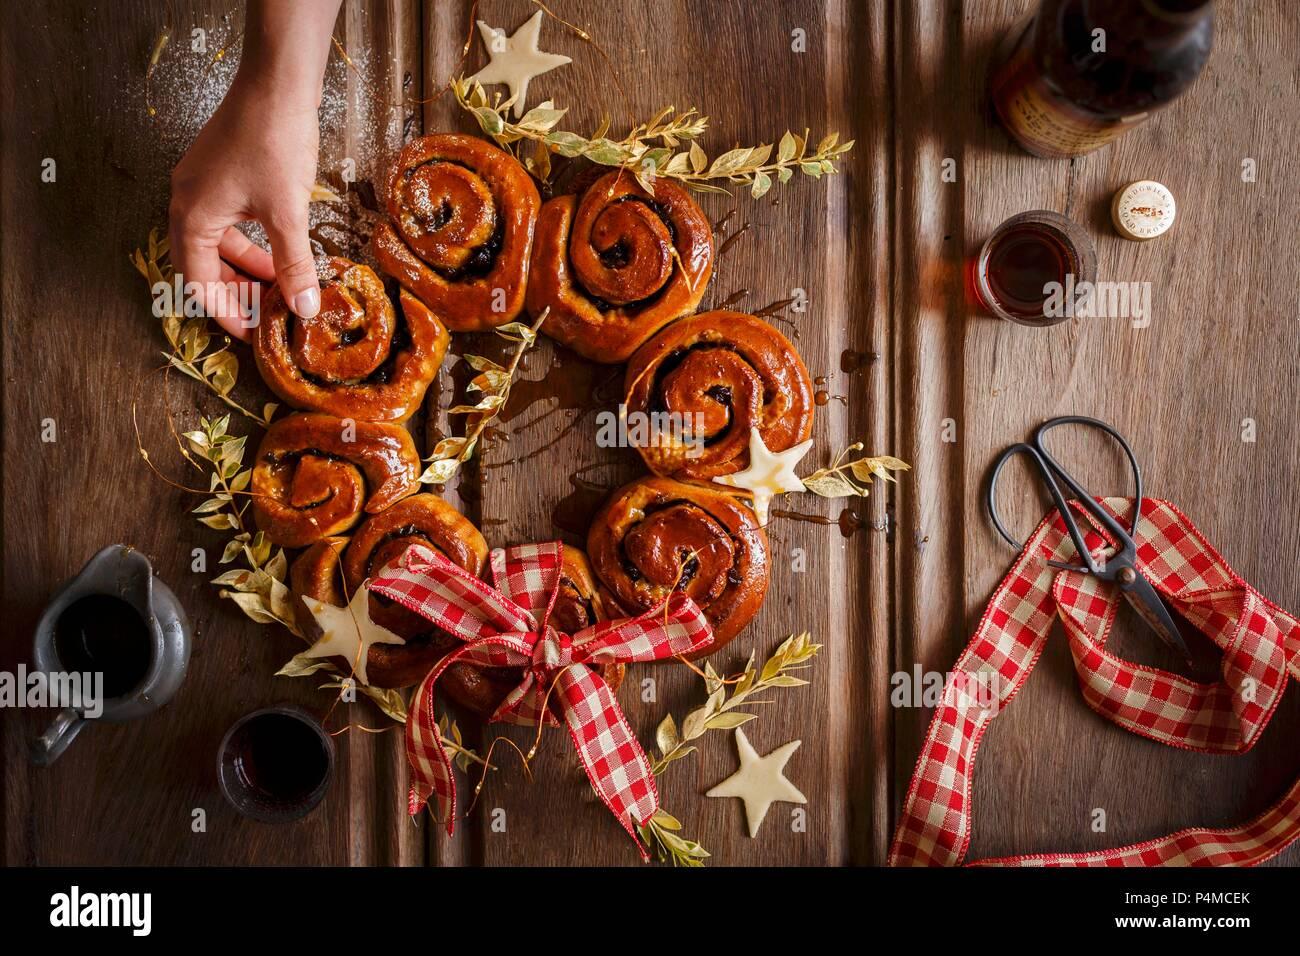 Ein Kranz von wirbelt Mince mit Sherry für Weihnachten Stockbild